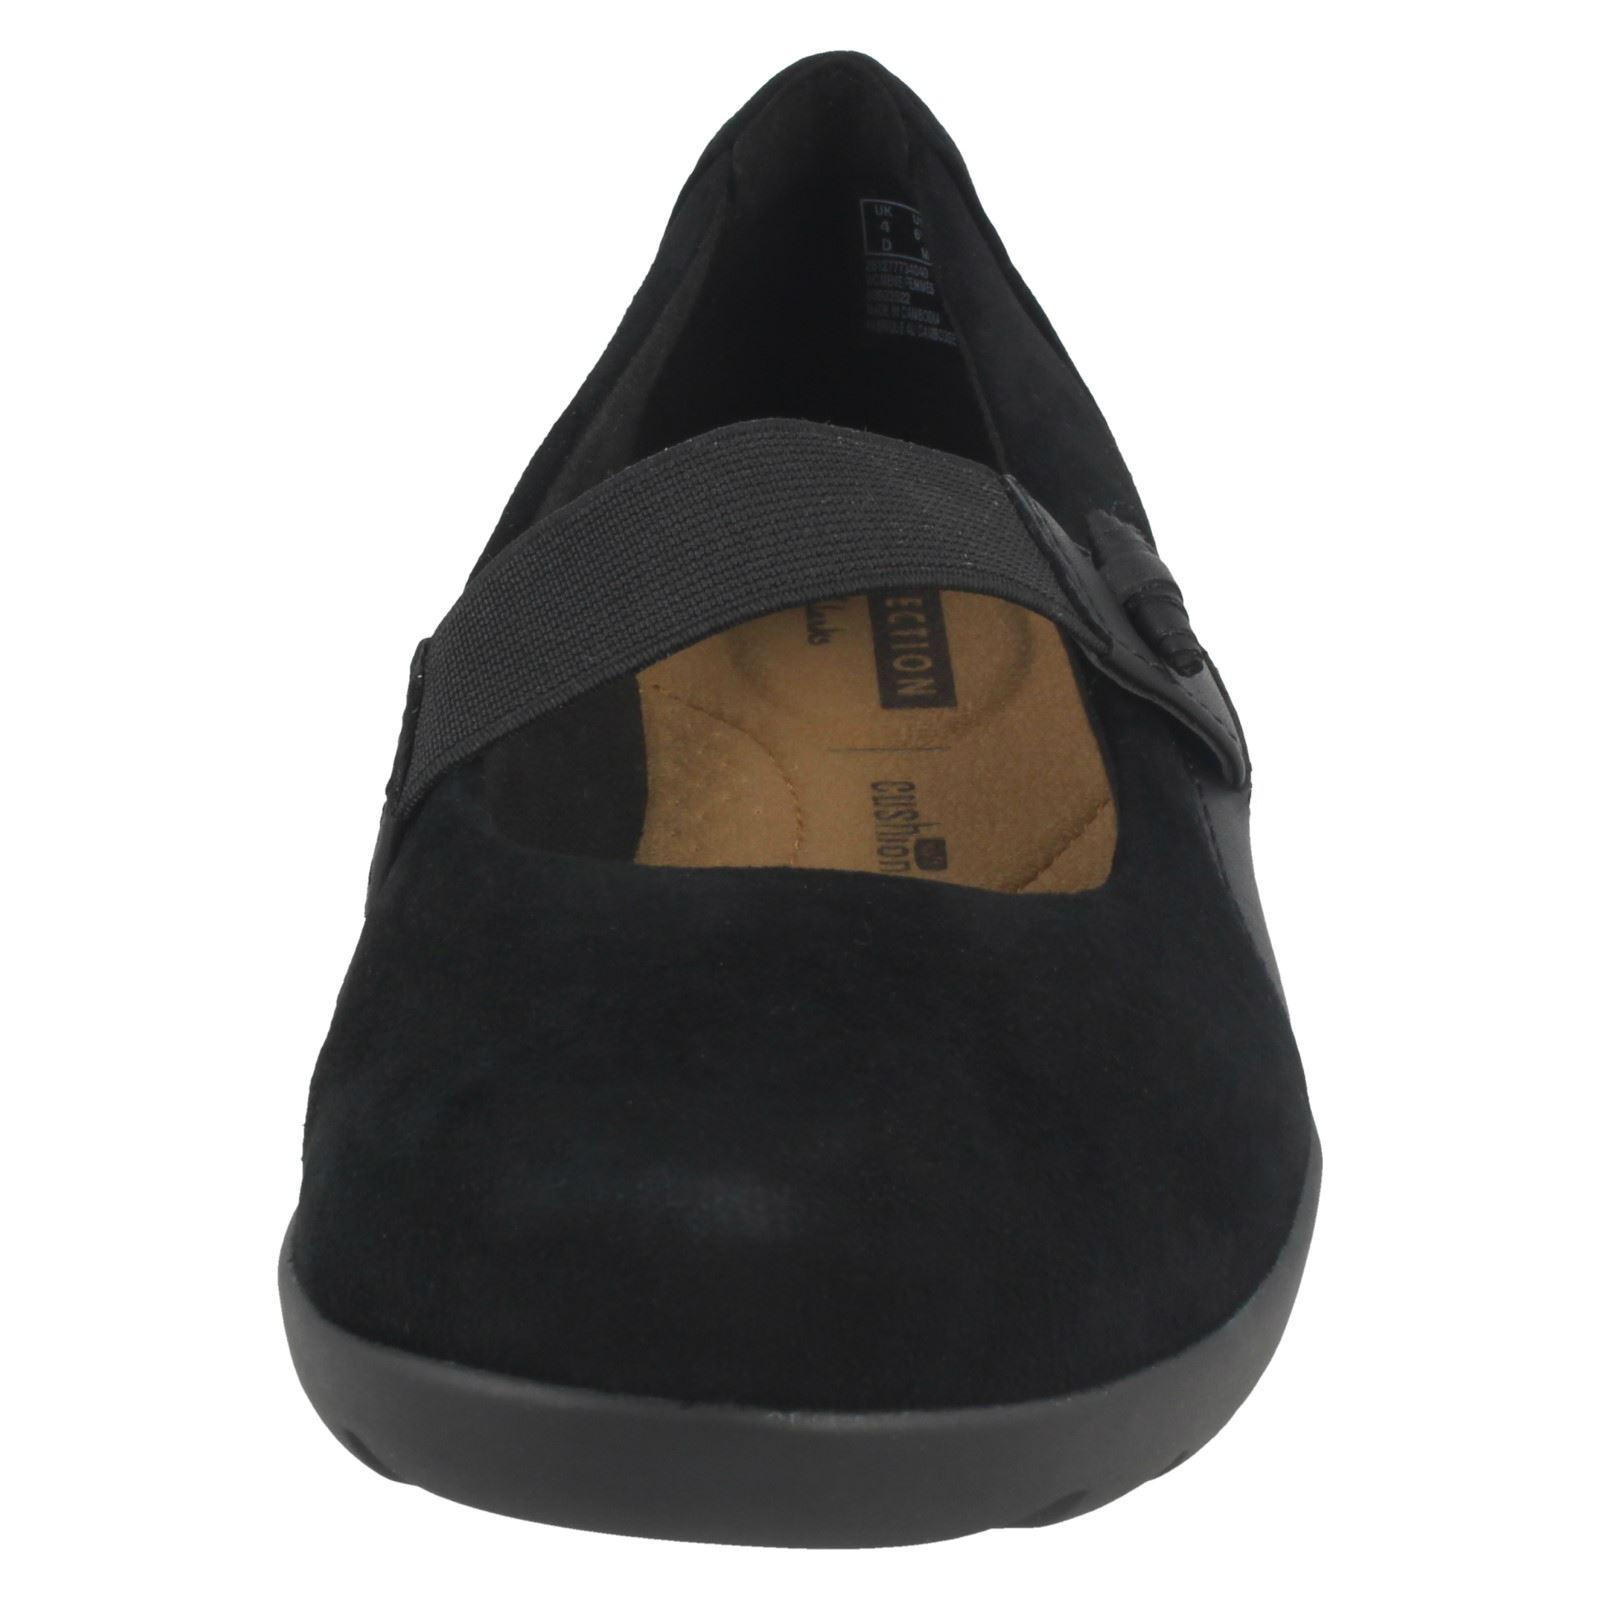 Details zu Clarks Damen Elastischer Band Schuhe Medora Frost